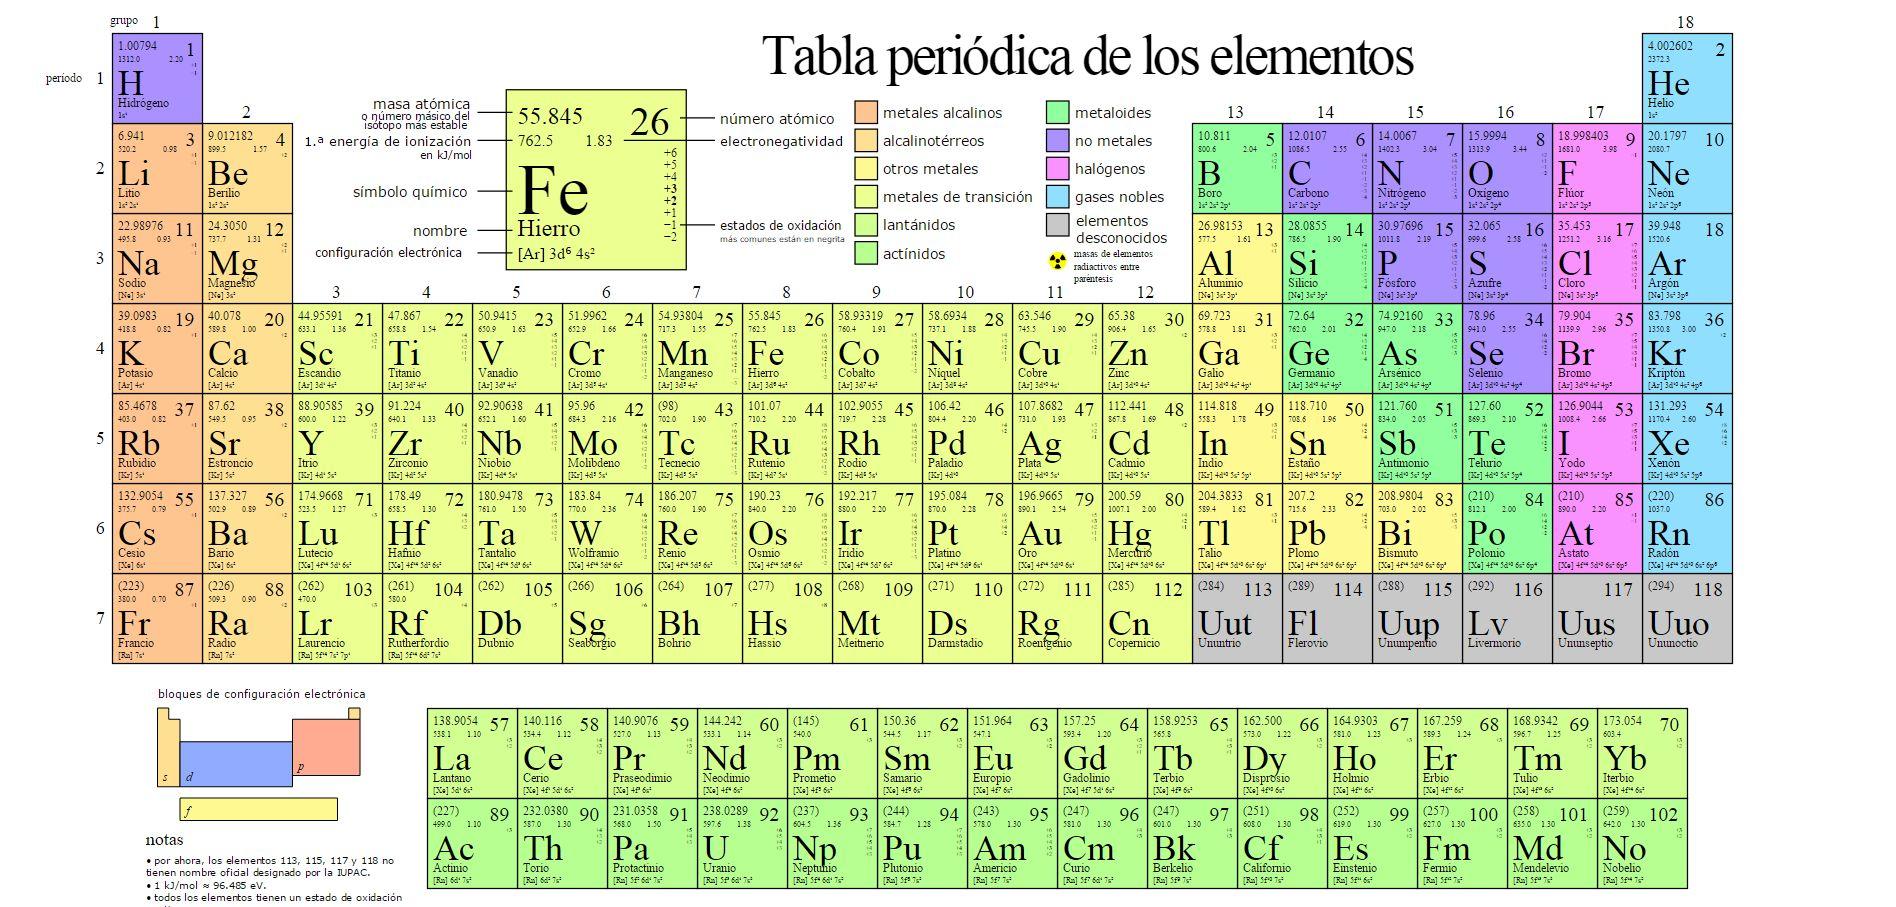 21 introduccin qumica general figura 22 la tabla peridica con los nuevos elementos qumicos wiki commons urtaz Image collections